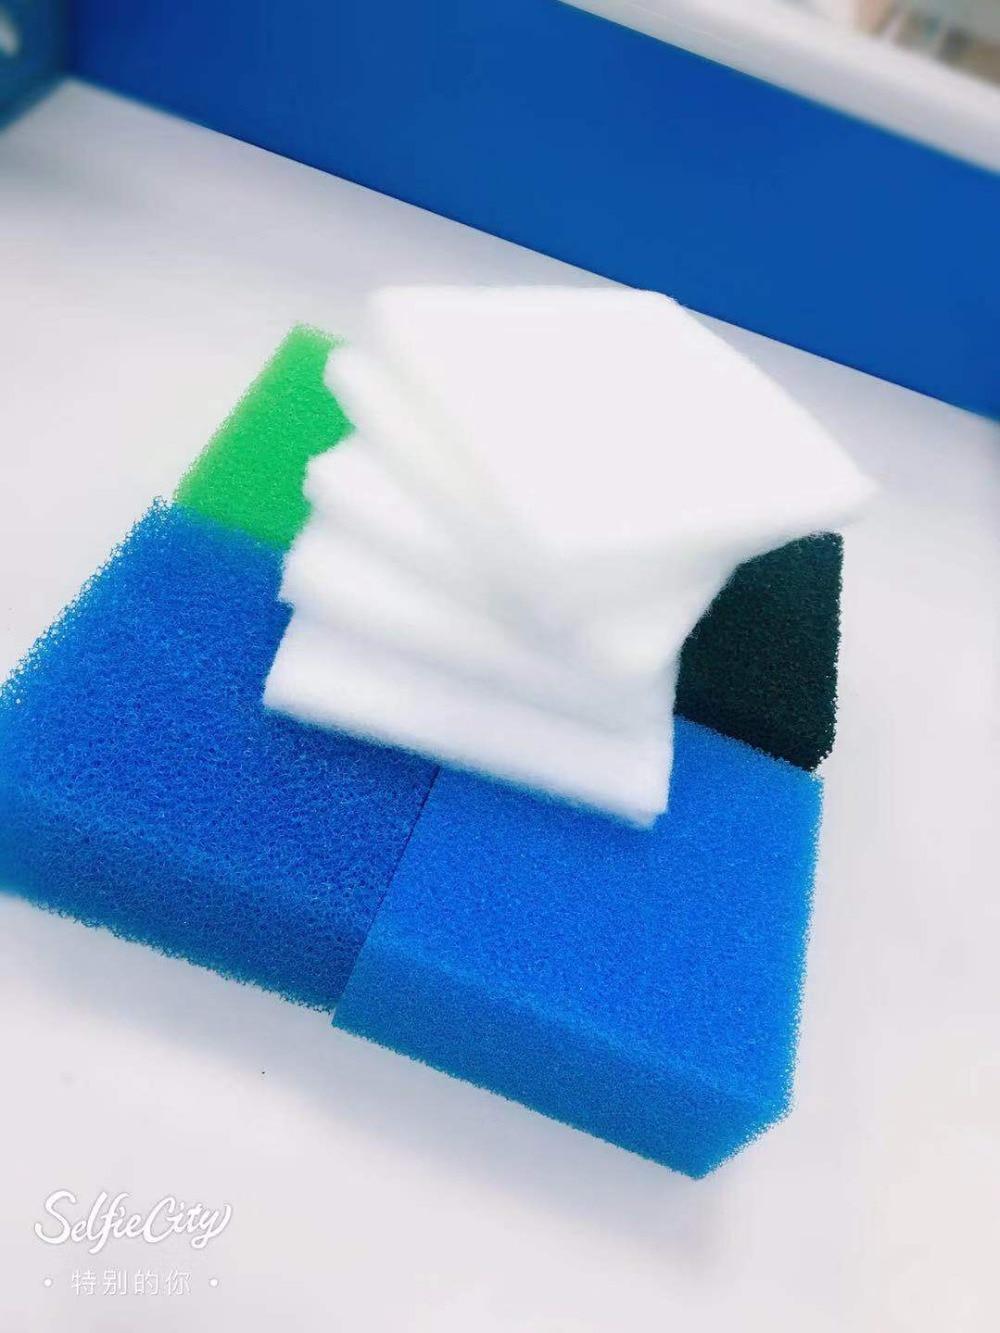 Multi-Set 30PCS Compatible Aquarium Filter Sponge For Juwel Compact/Bioflow3.0 ( 6xFine,6xCoarse,6xNitrate,12xCarbon,6xpolypads)